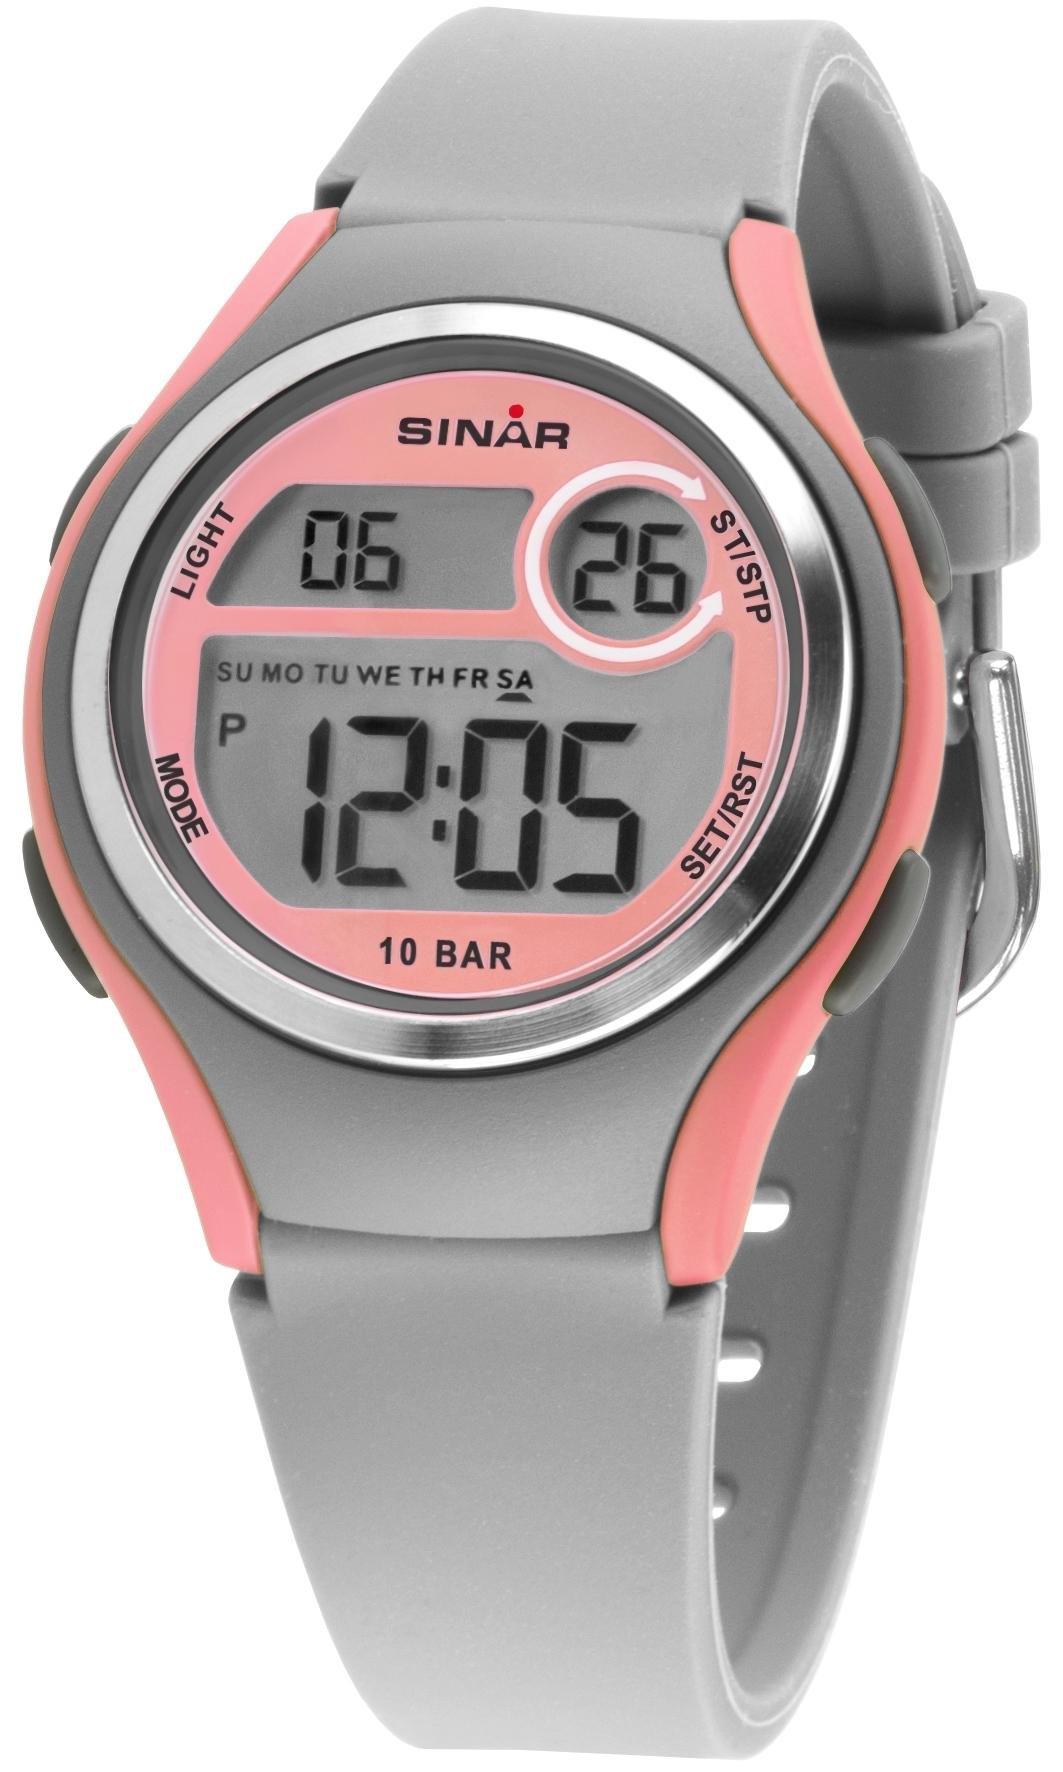 Sinar chronograaf »XE-64-9« nu online kopen bij OTTO